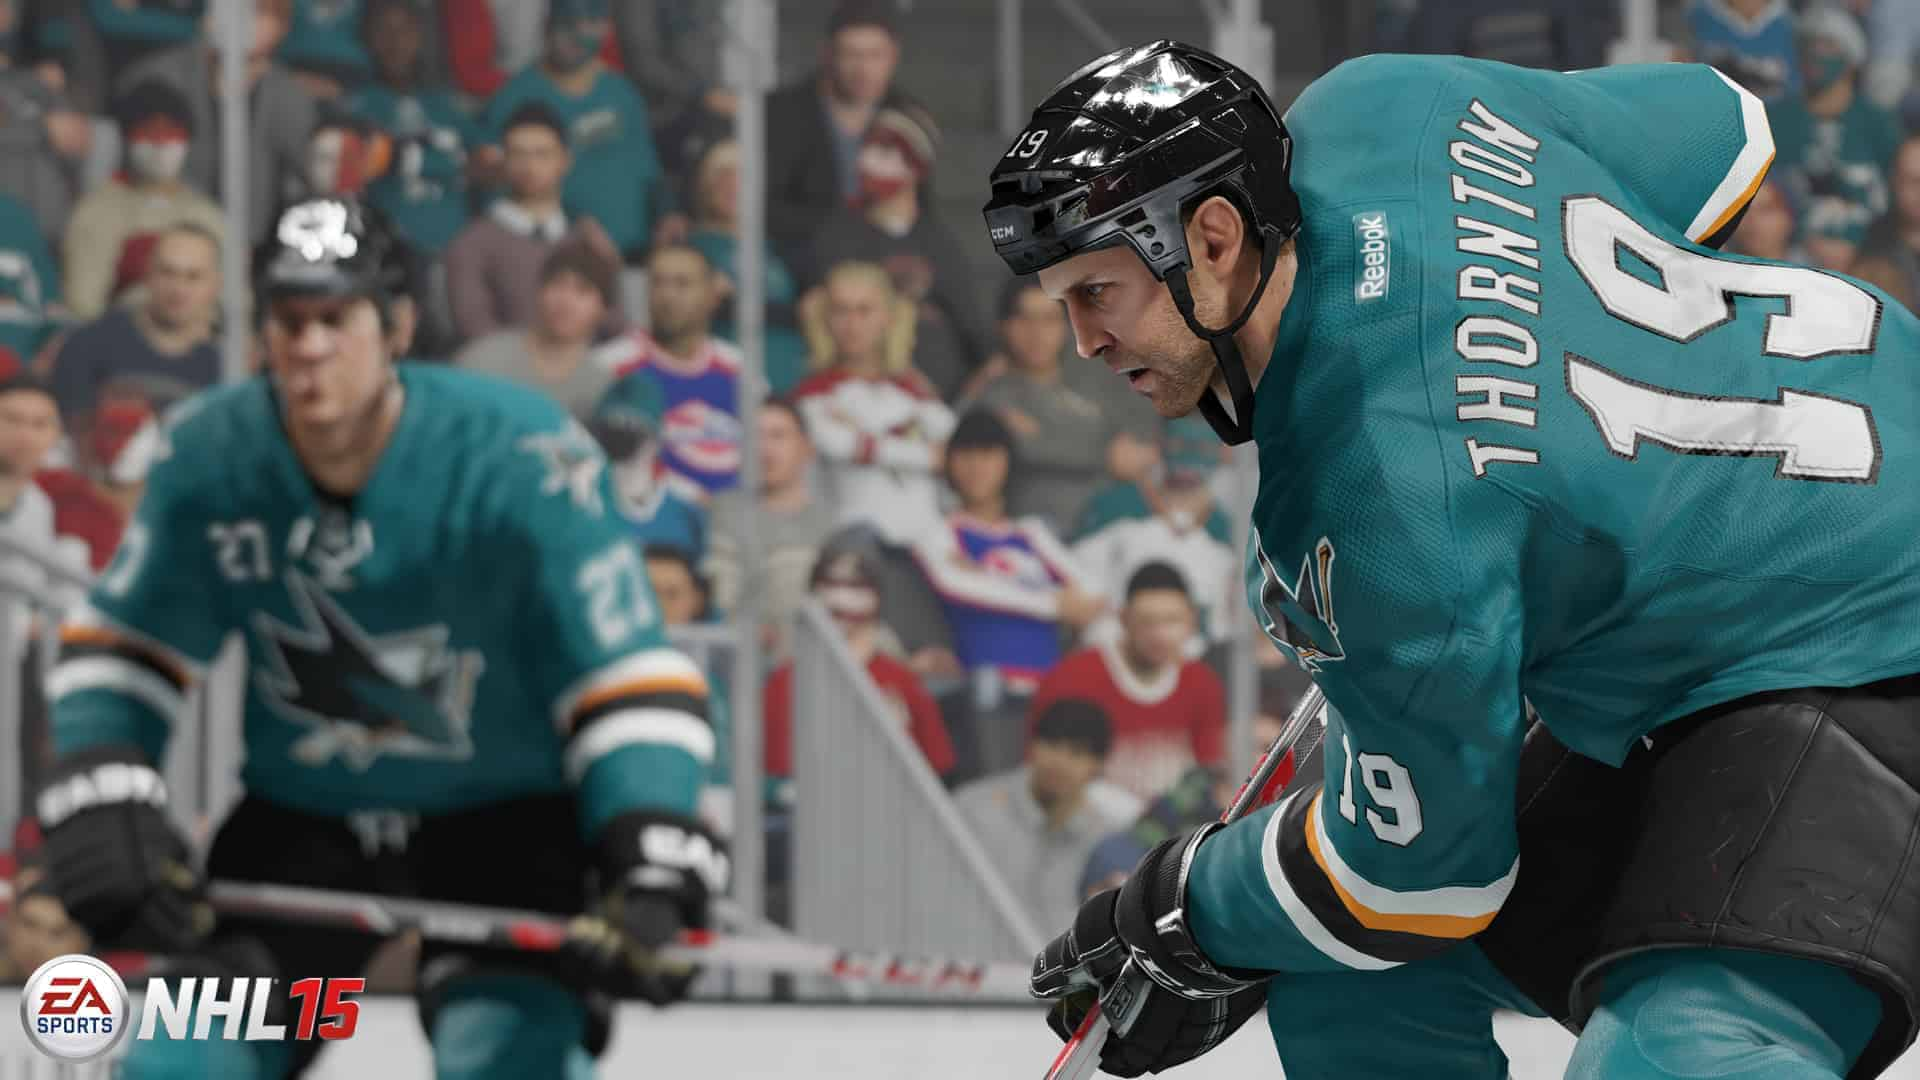 NHL15 Thornton